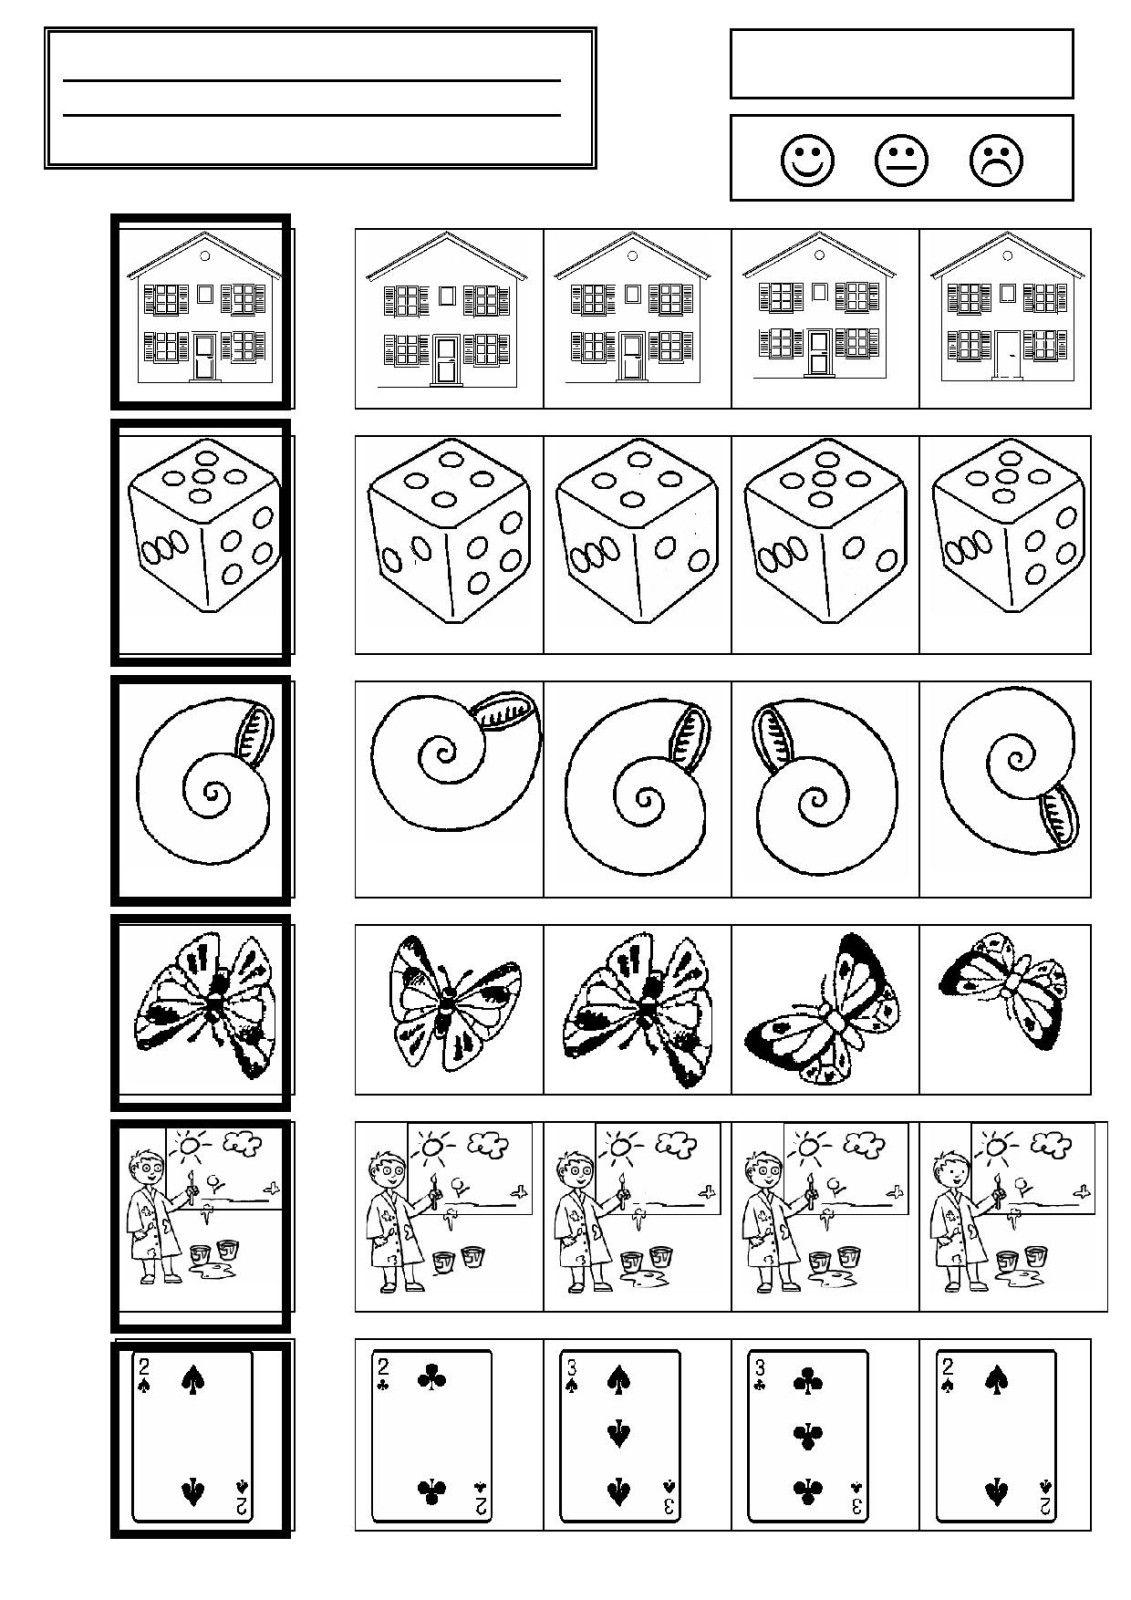 Workbooks visual discrimination worksheets : Je suis enseignante depuis 34 ans, seulement depuis 11 ans en ...